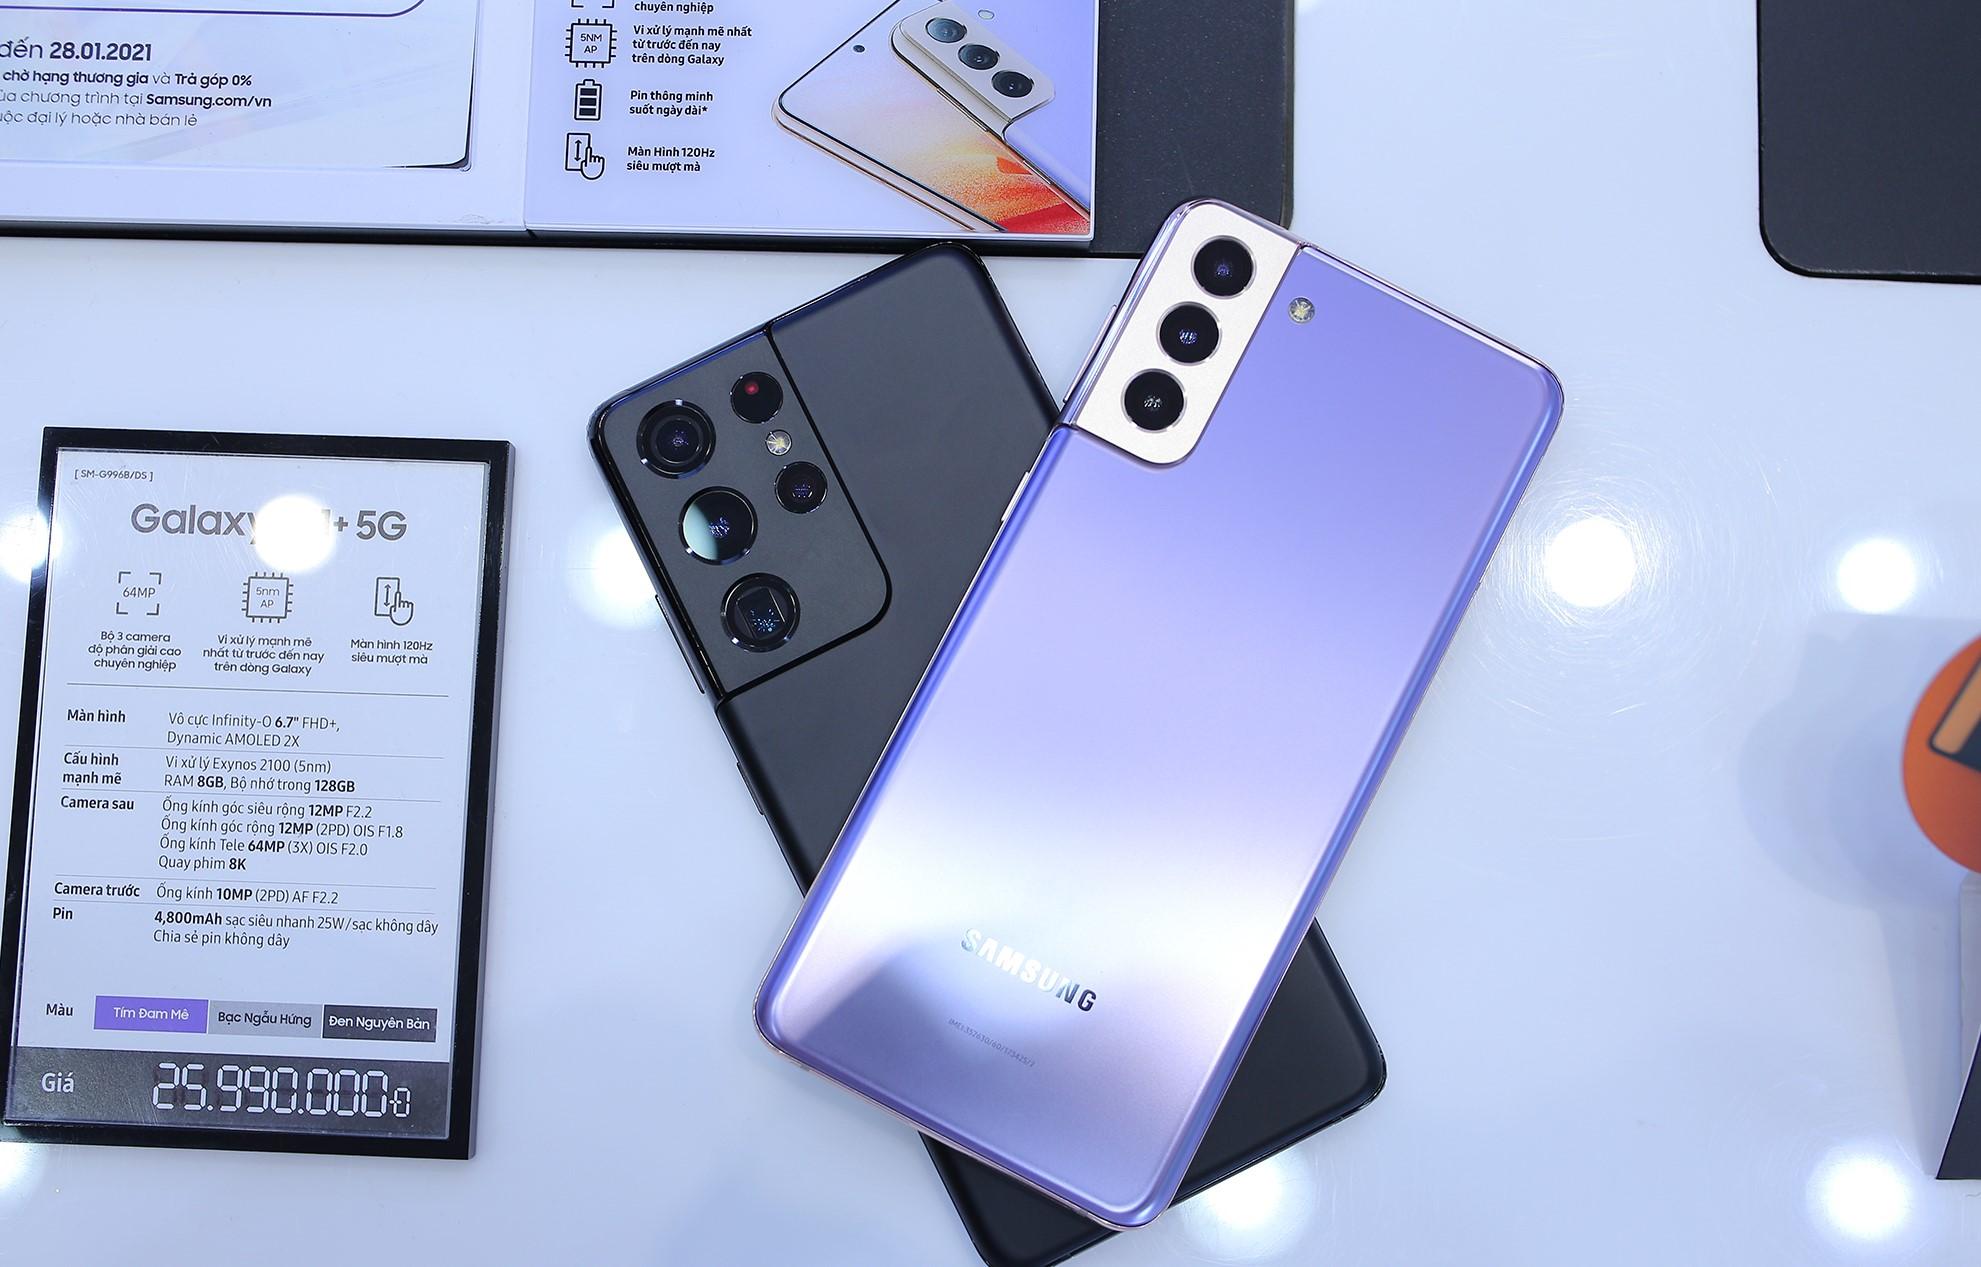 Khách hàng dùng thử miễn phí Galaxy S21 Series trước khi mua - Ảnh 1.